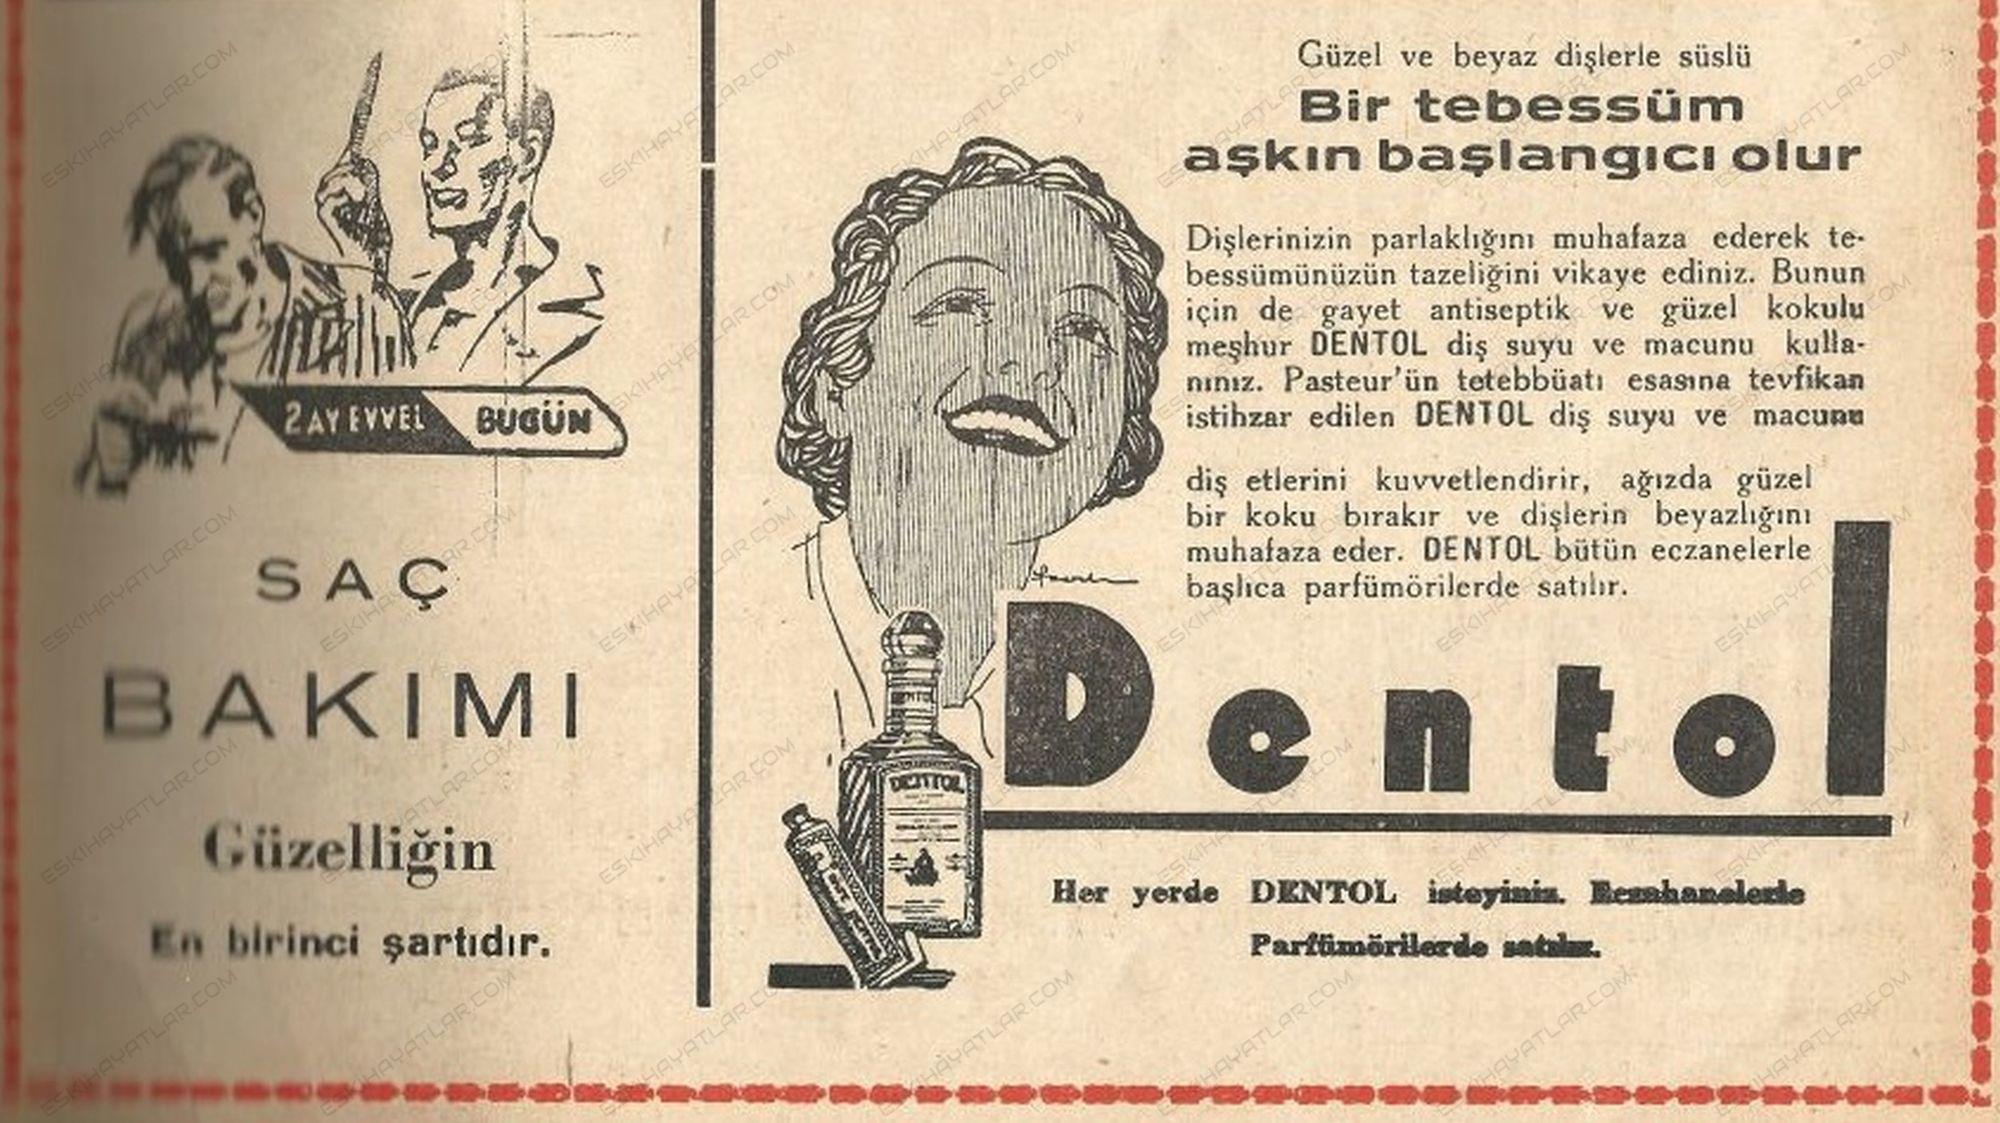 0225-akbaba-dergisi-1938-dersim-olaylari-yusuf-ziya-ortac-akbaba-arsivi (18)